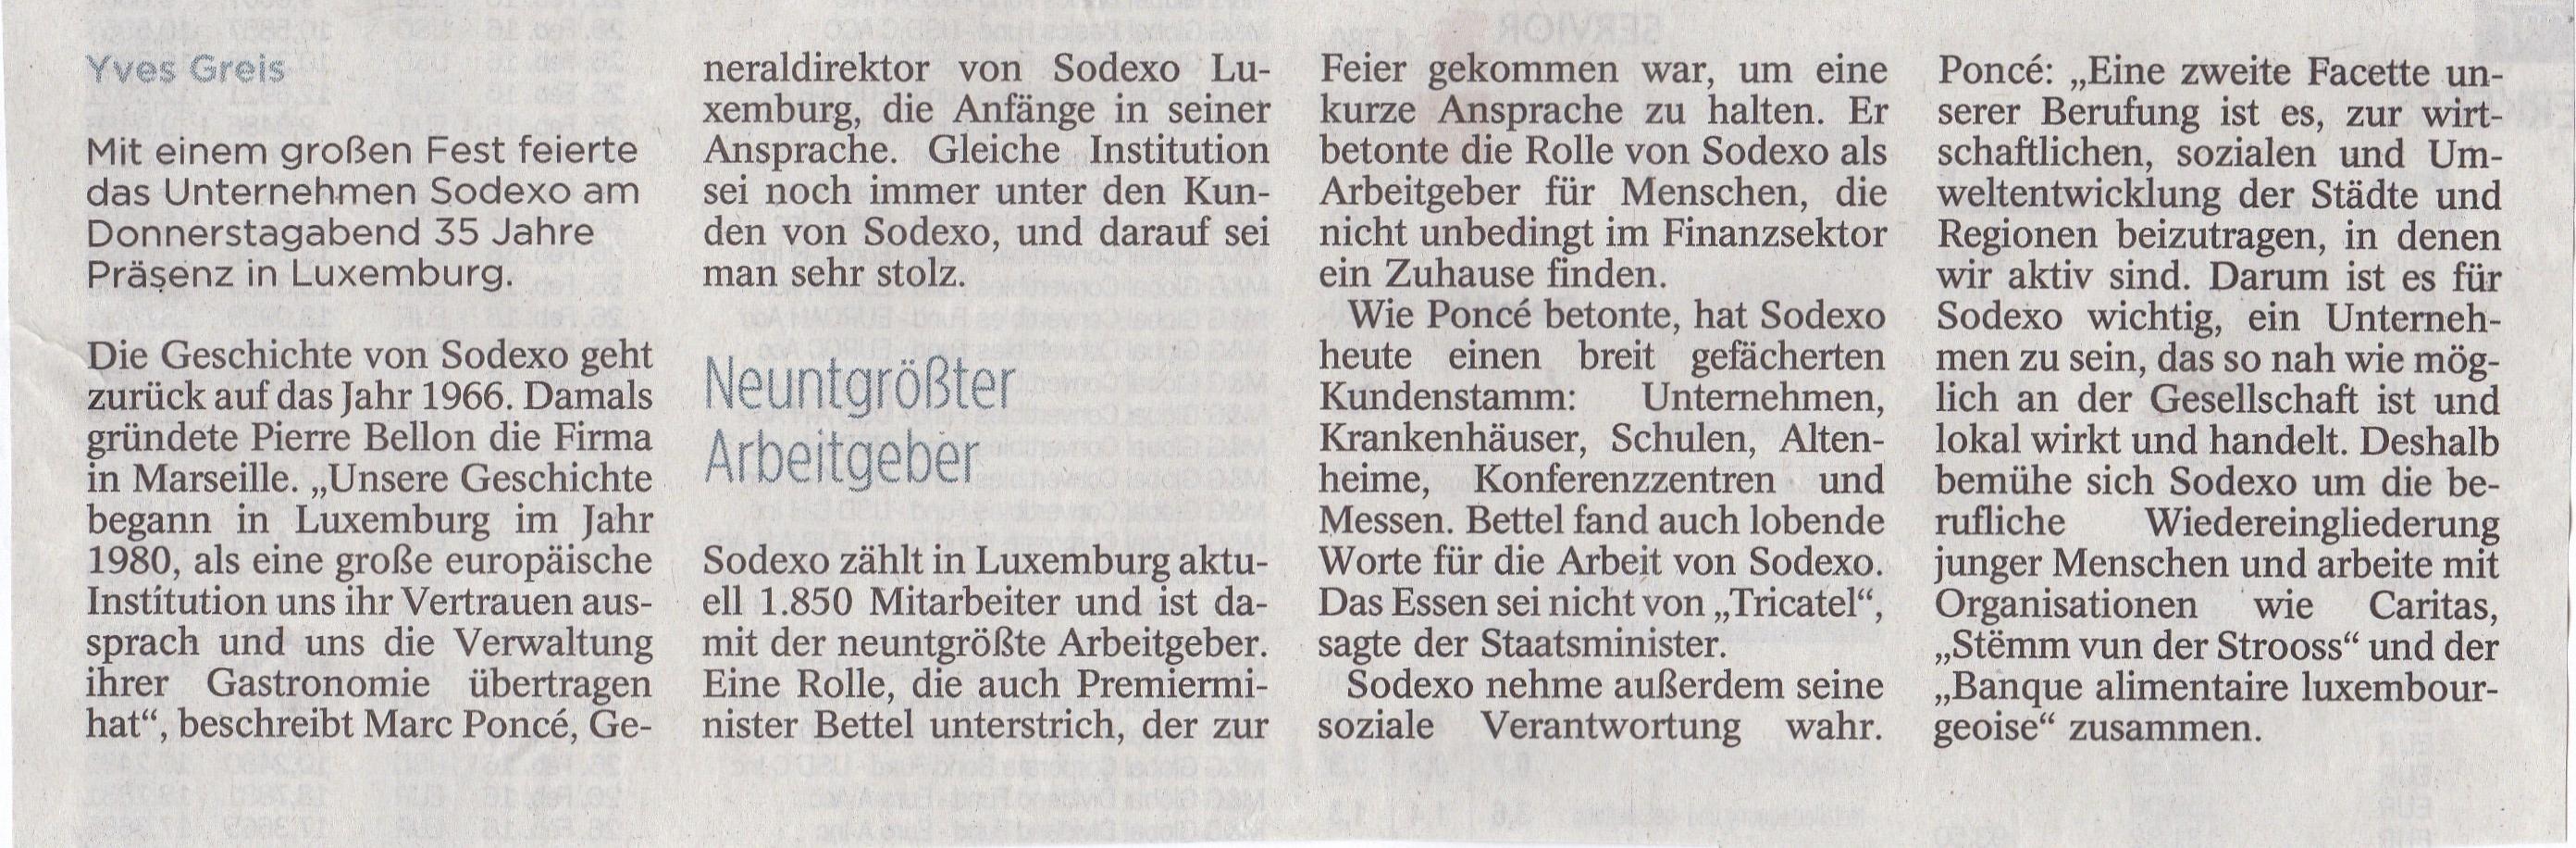 35 Jahre Sodexo in Luxemburg 2